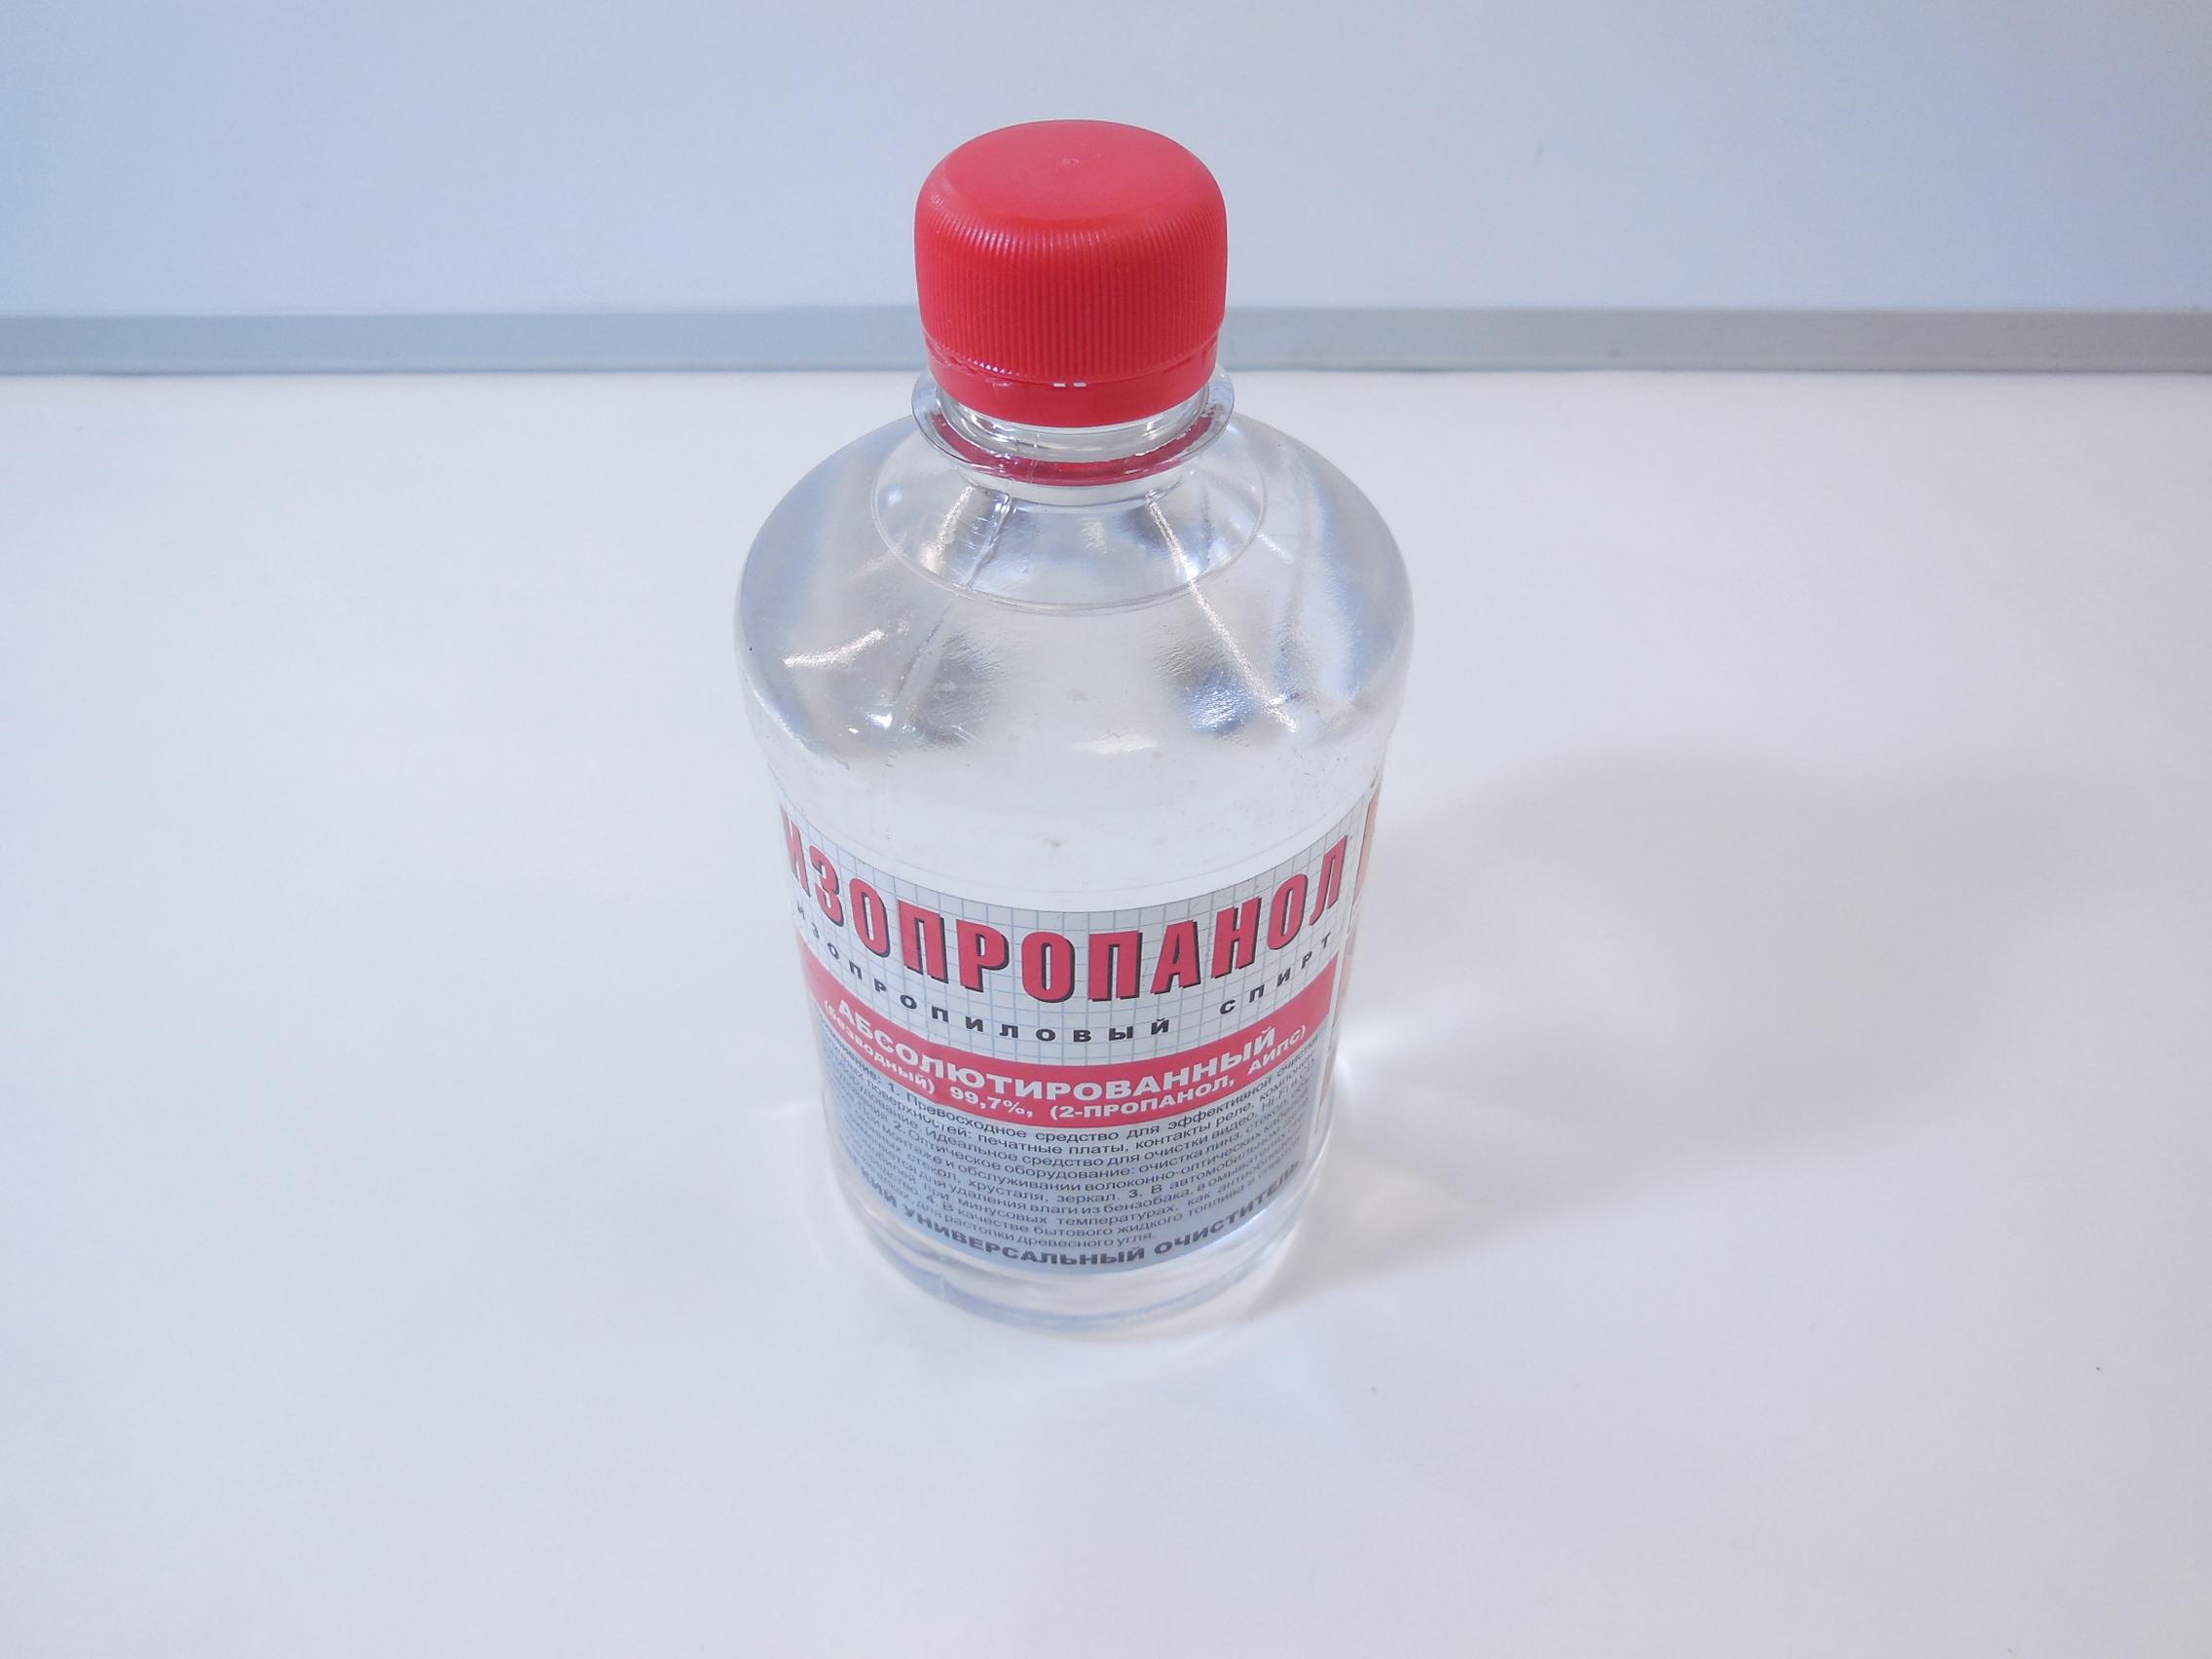 Изопропиловый спирт – применение в быту, где продается и чем опасен - ваш врач